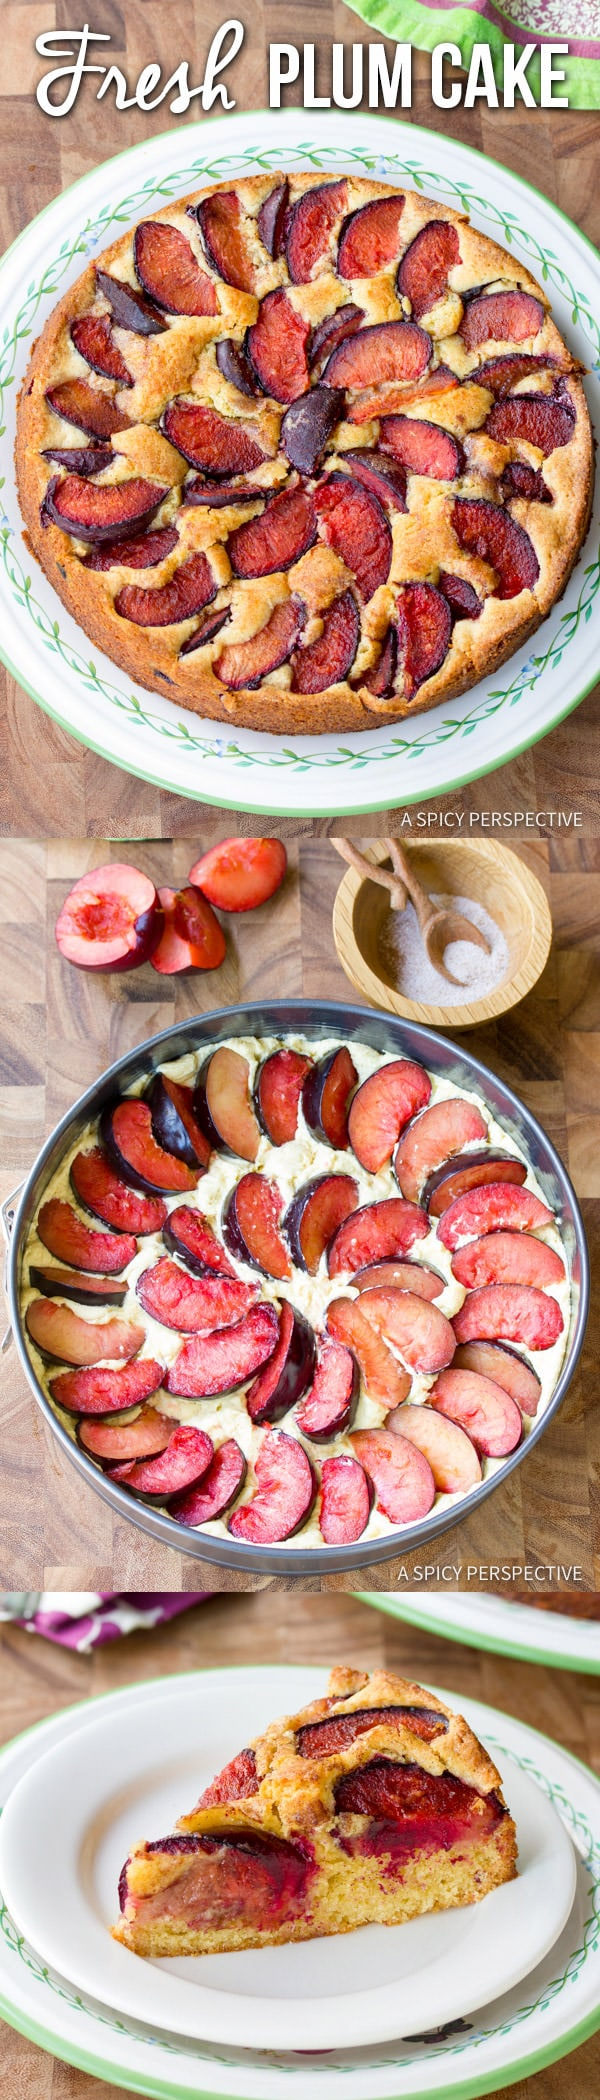 Rustic Fresh Plum Cake Recipe | ASpicyPerspective.com